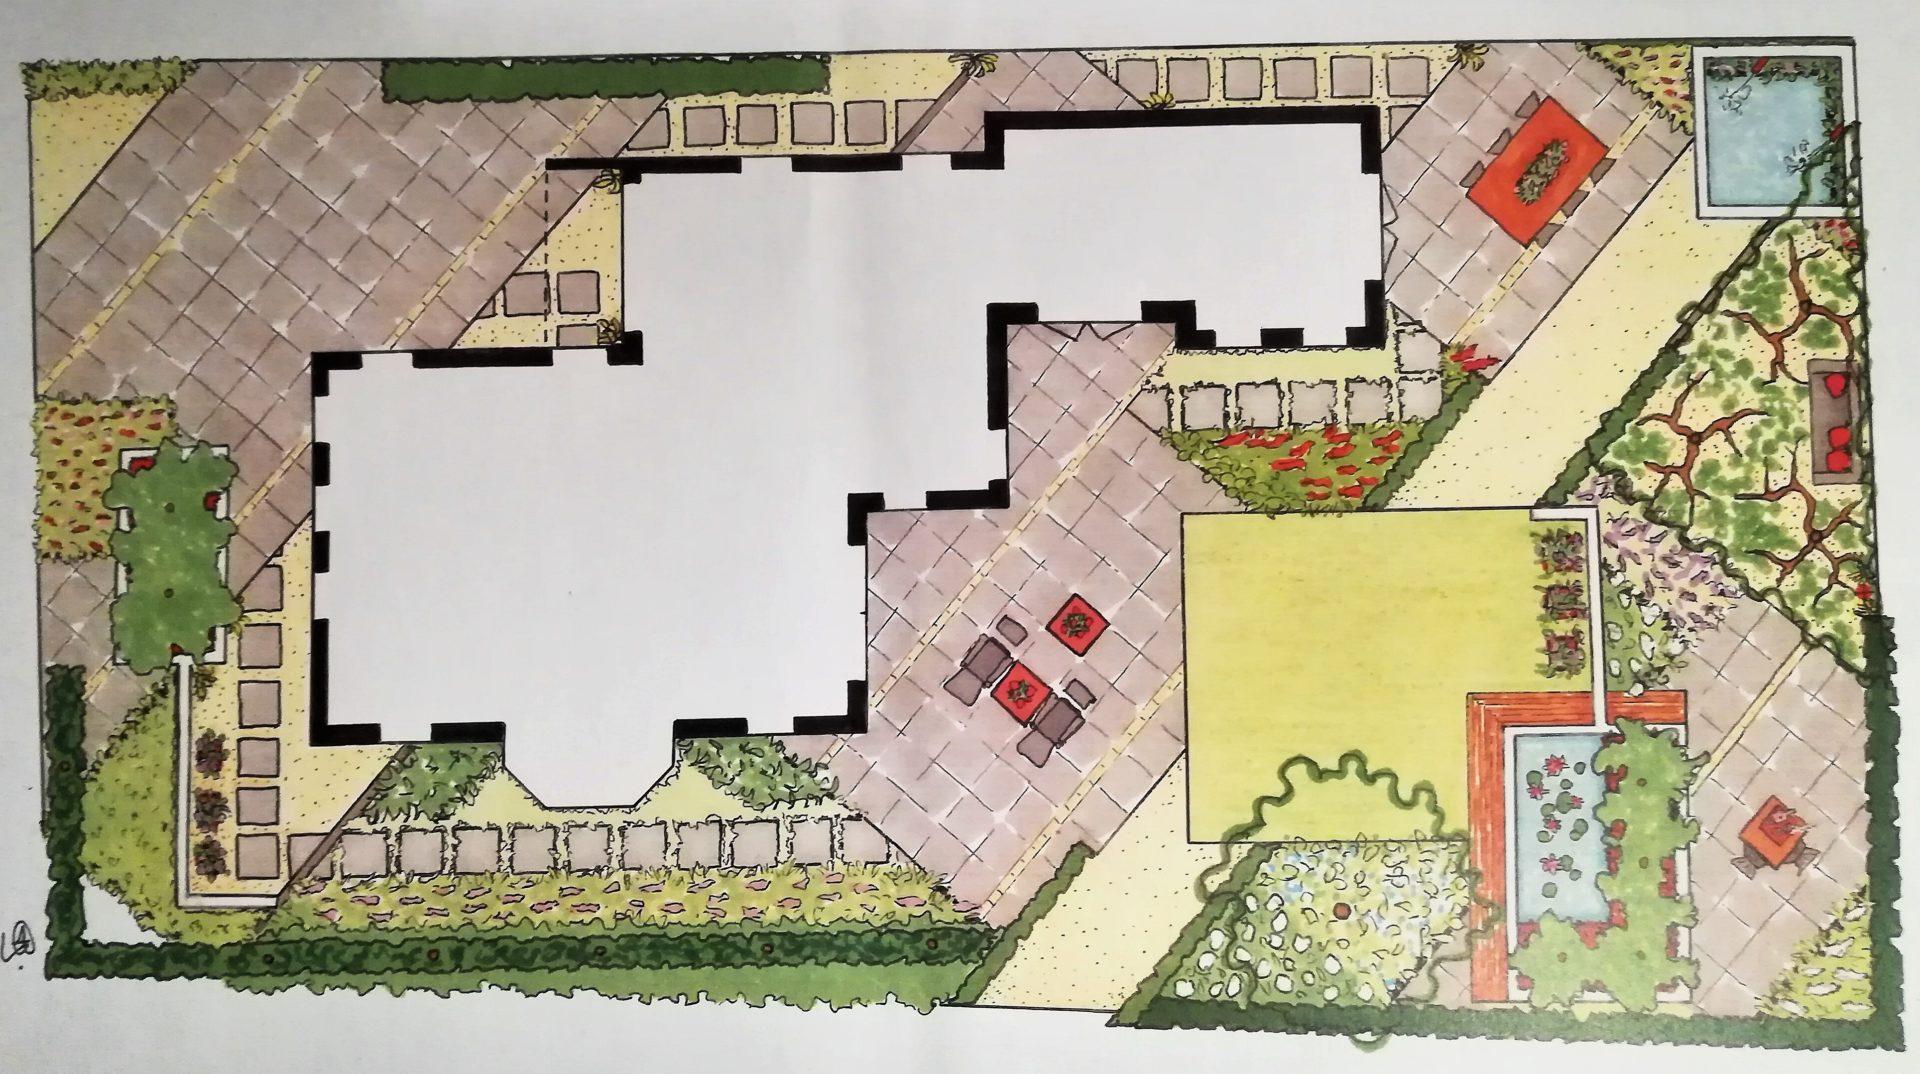 tuinontwerp met diagonale lijnen